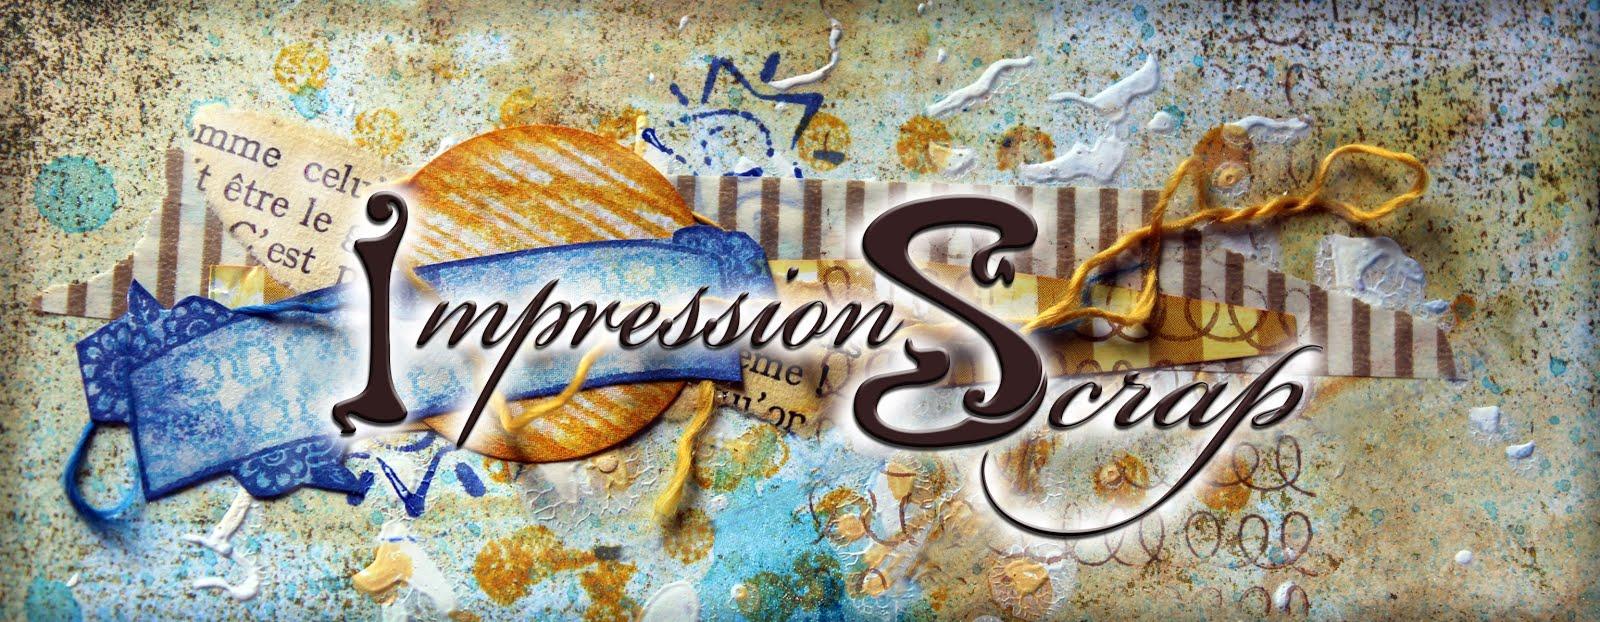 ImpressionScrap